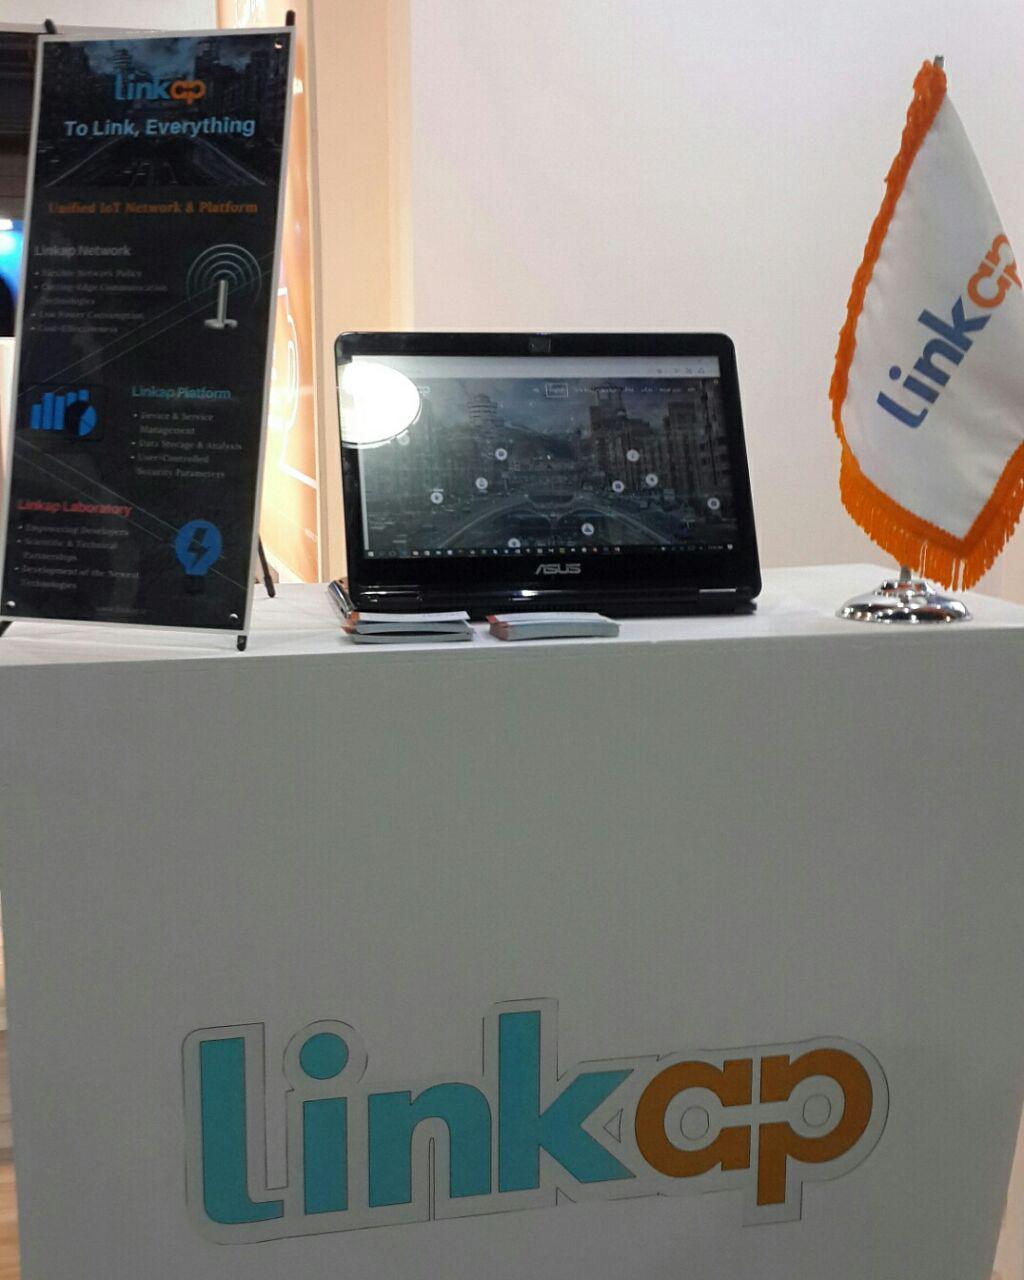 لینکپ در اینوتکس INOTEX2017